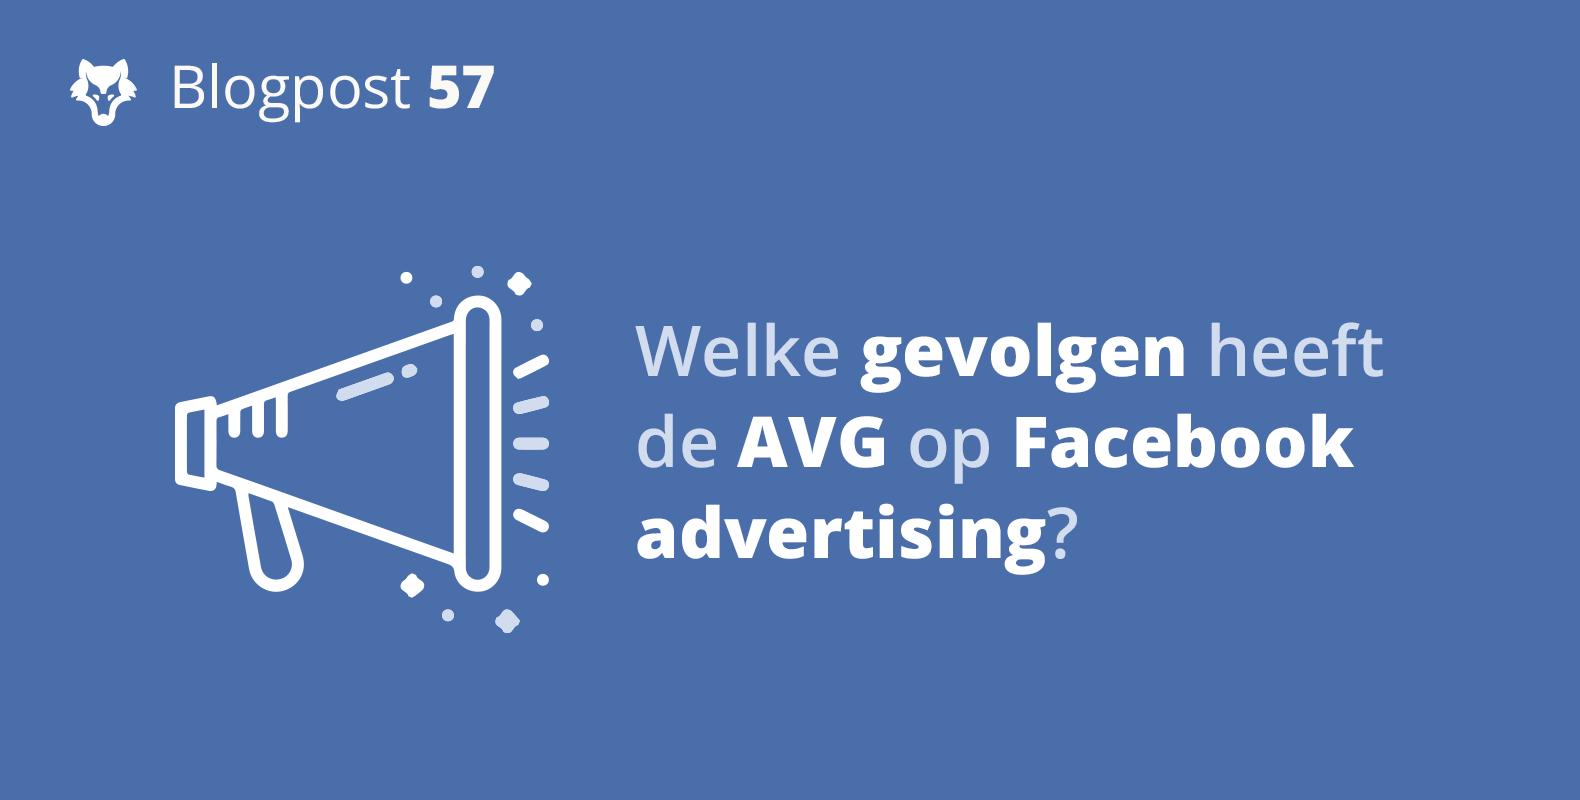 Welke gevolgen heeft de AVG op Facebook advertising?